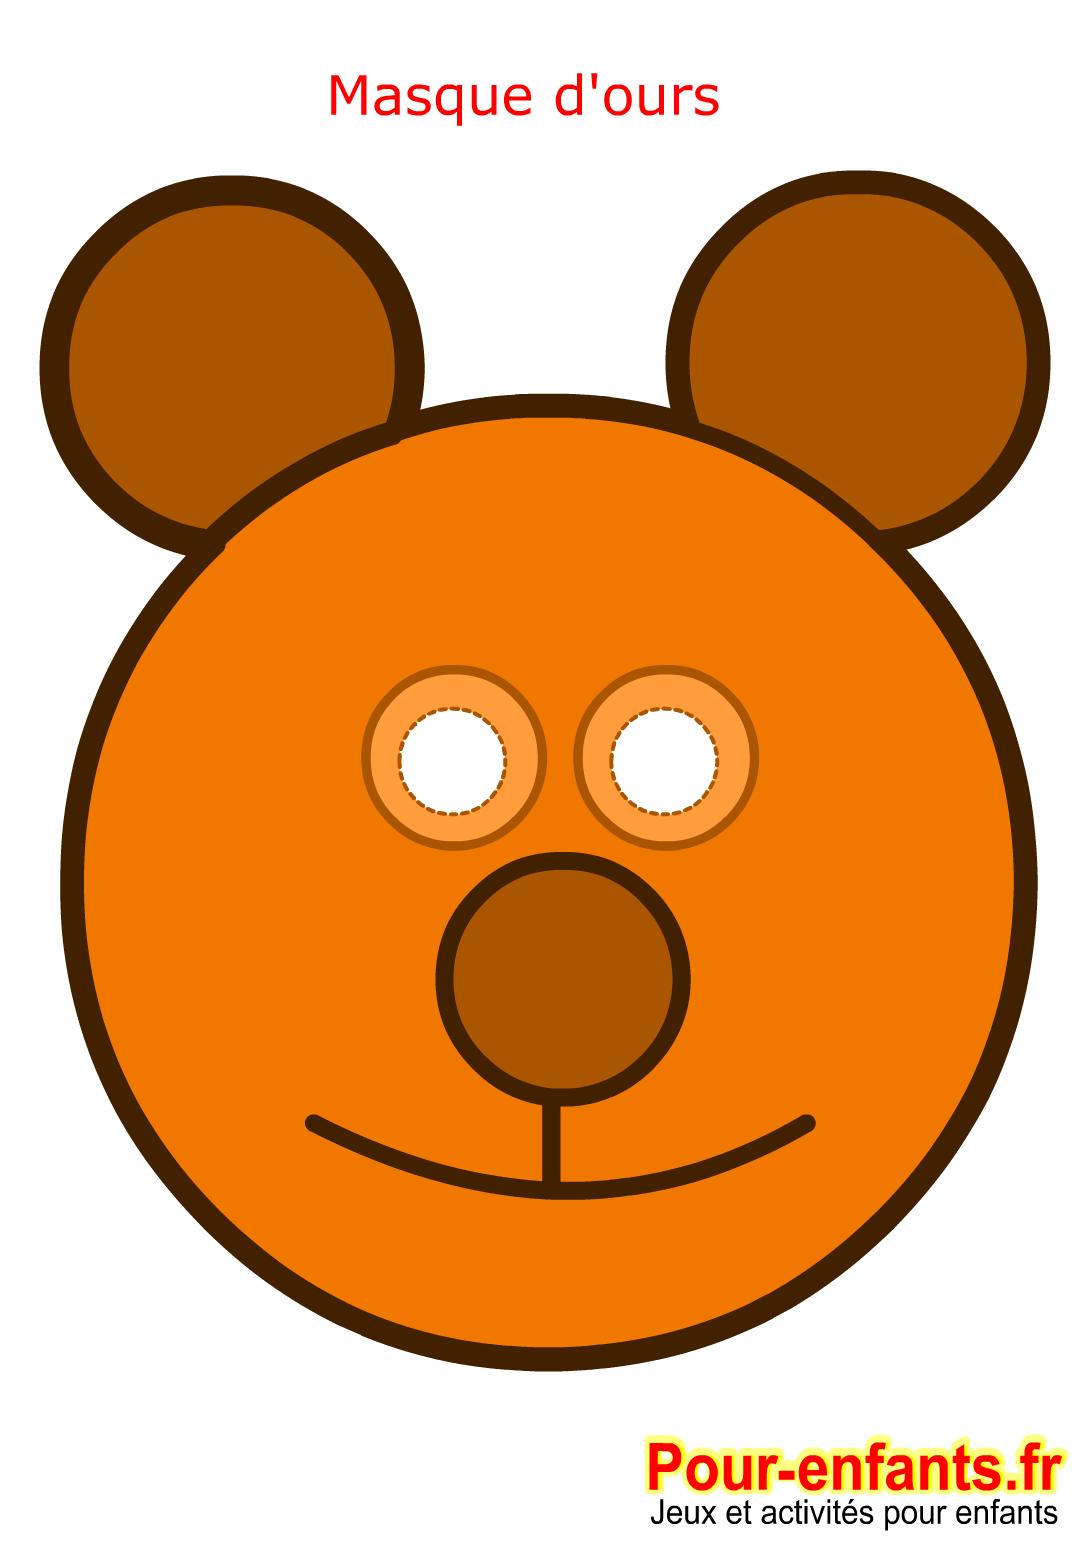 Imprimer ce masque de carnaval enfant - masque d'ours